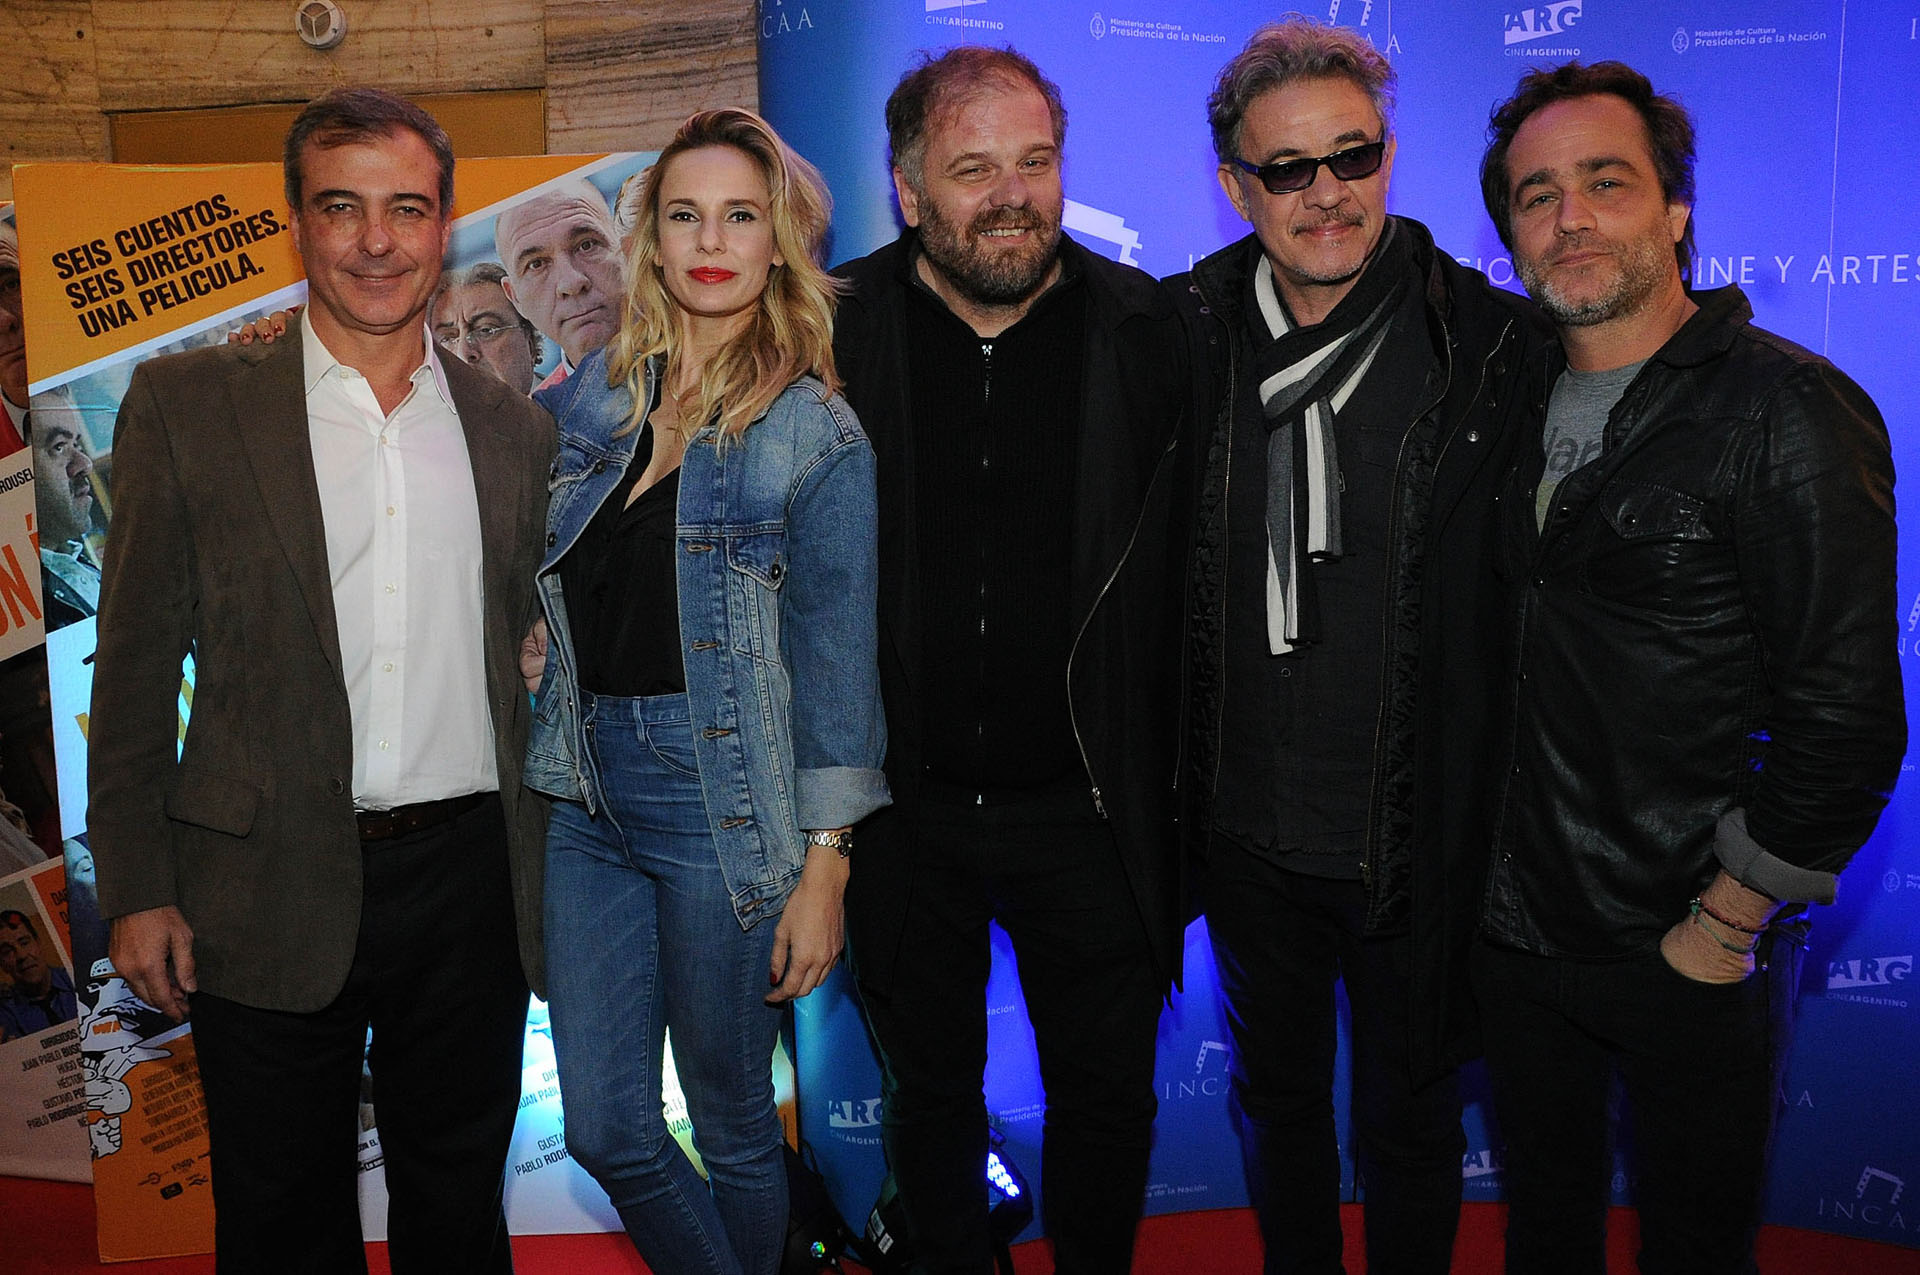 Diego Sueiras, Julieta Cardinali, Gustavo Postiglione, Jean Pierre Noher y Gastón Pauls (Crédito: Verónica Guerman / Teleshow)